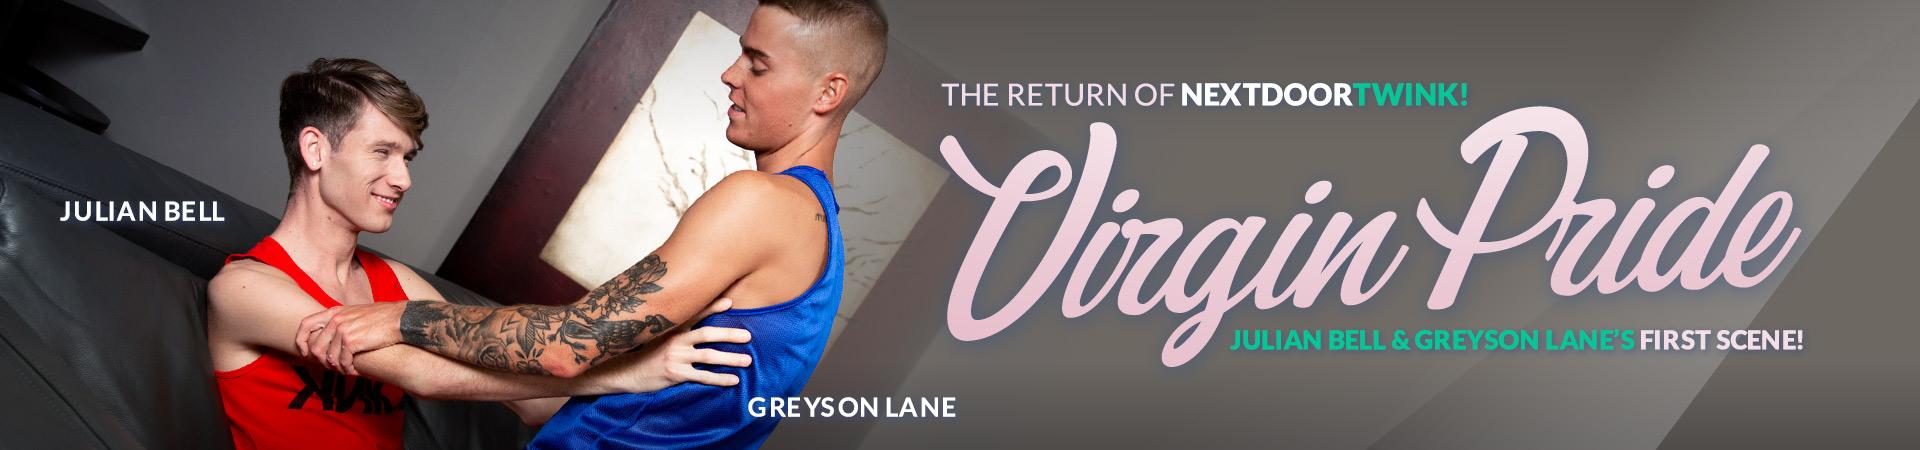 Next Door Studios Virgin Pride Featuring Greyson Lane and Julian Bell